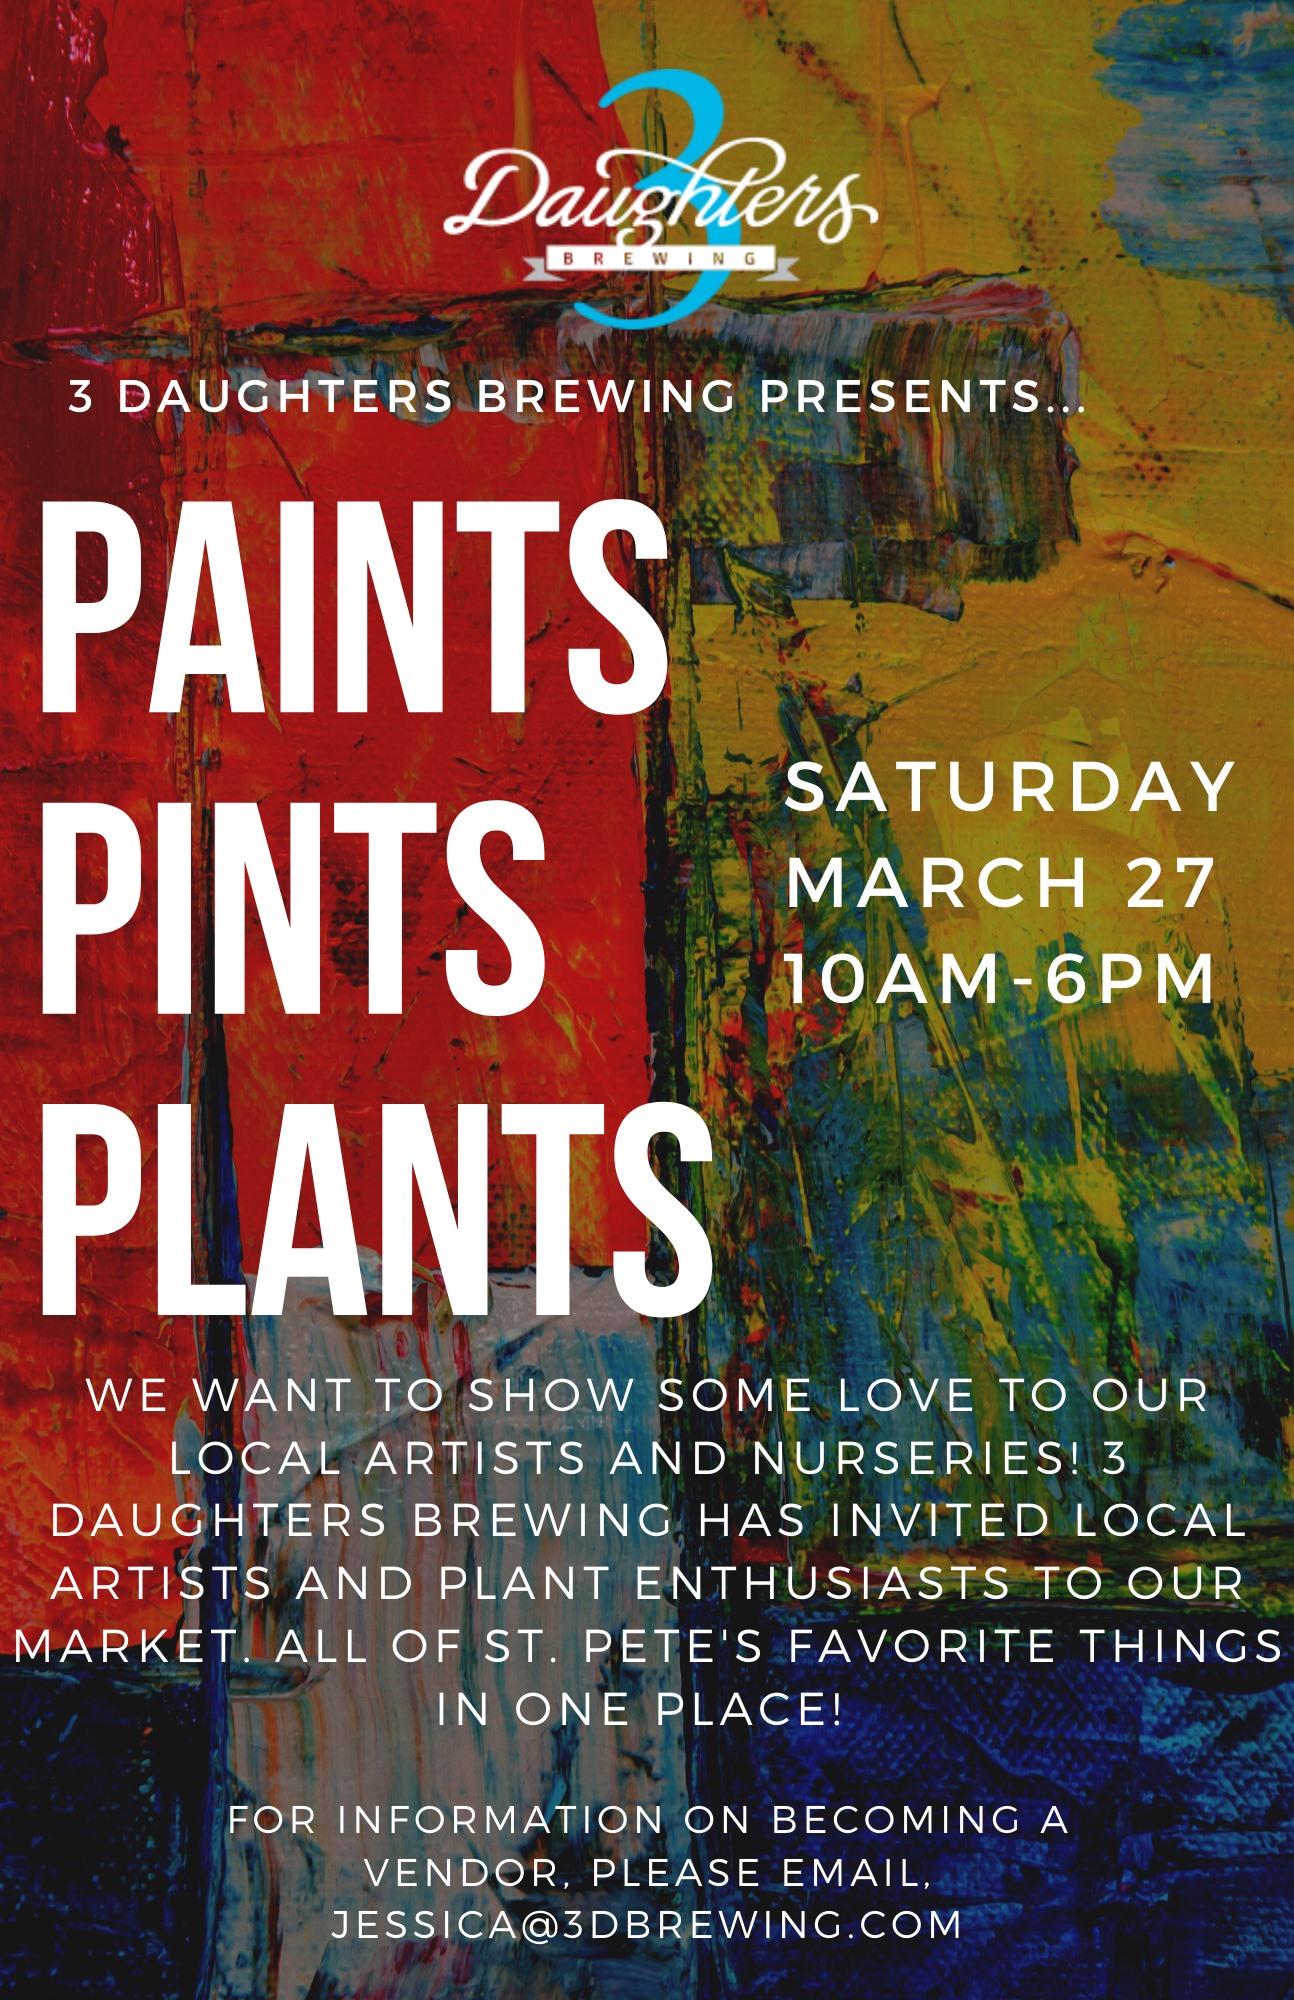 Paints, Pints & Plants Market